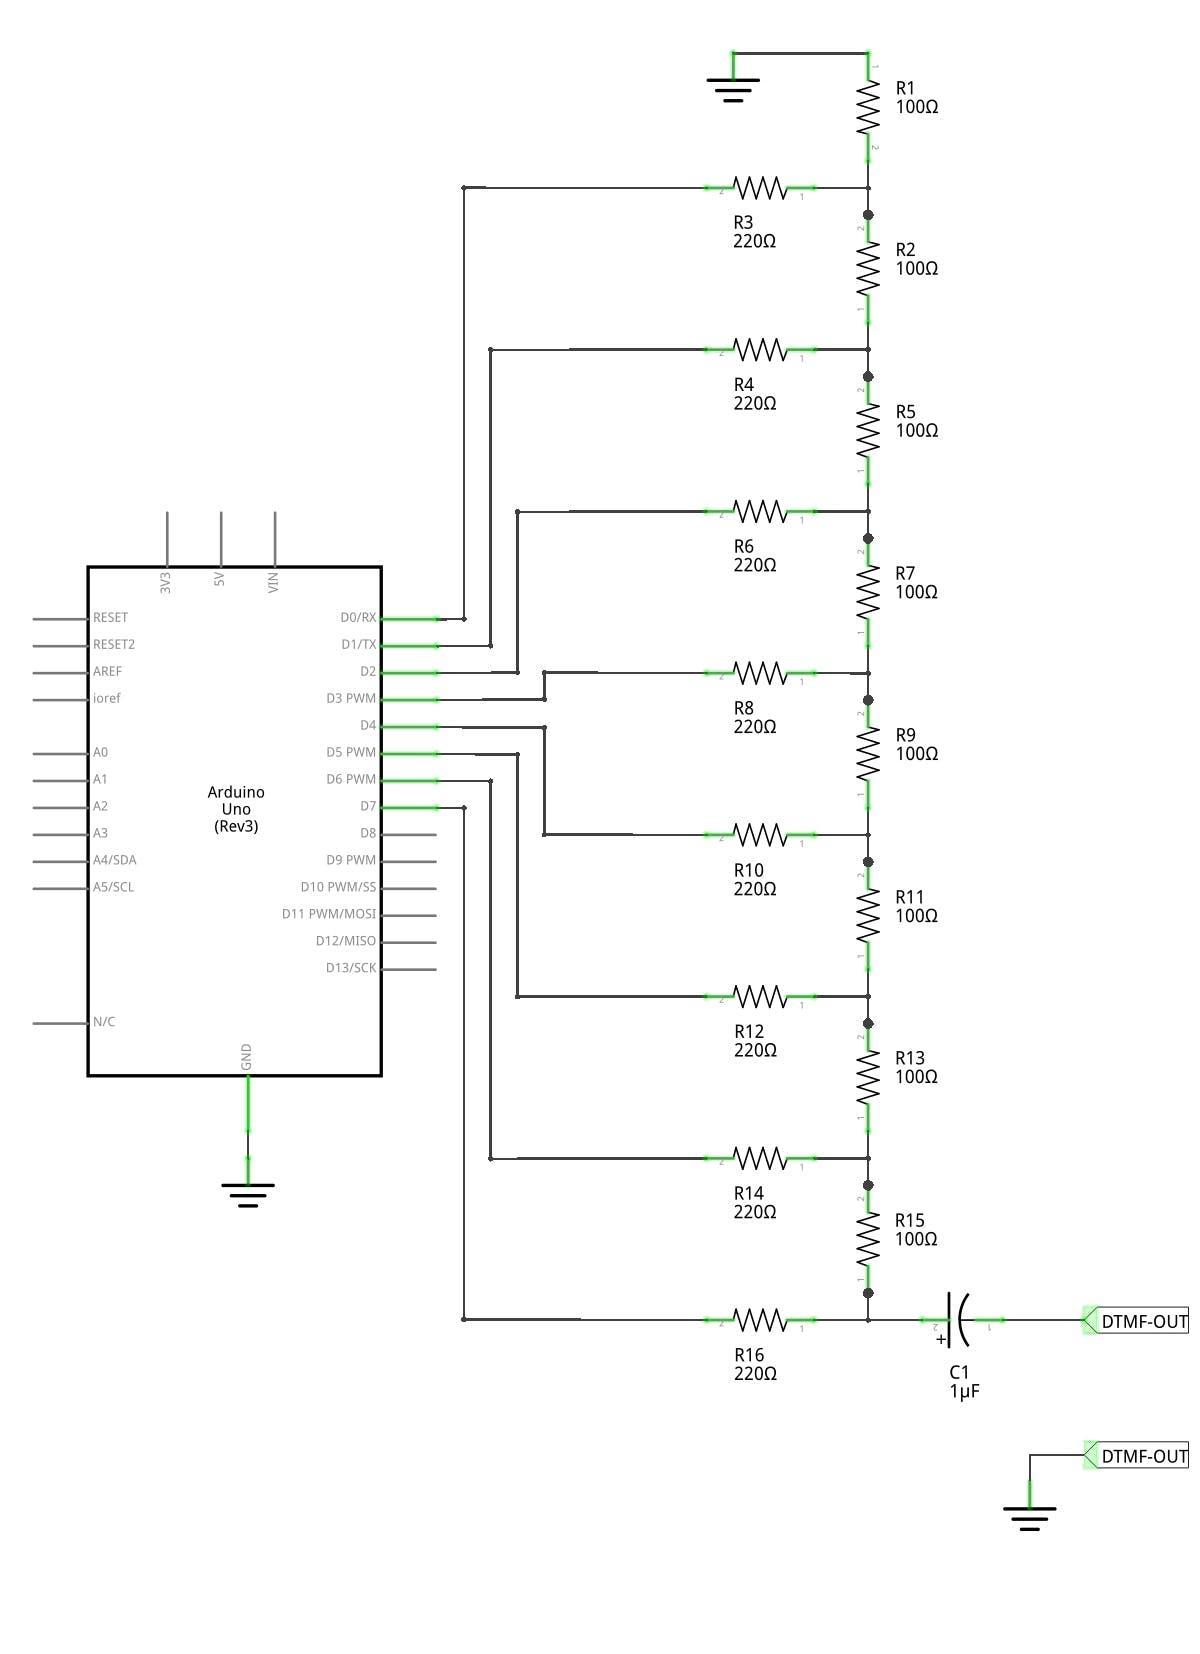 Schematic of the DTMF generator.